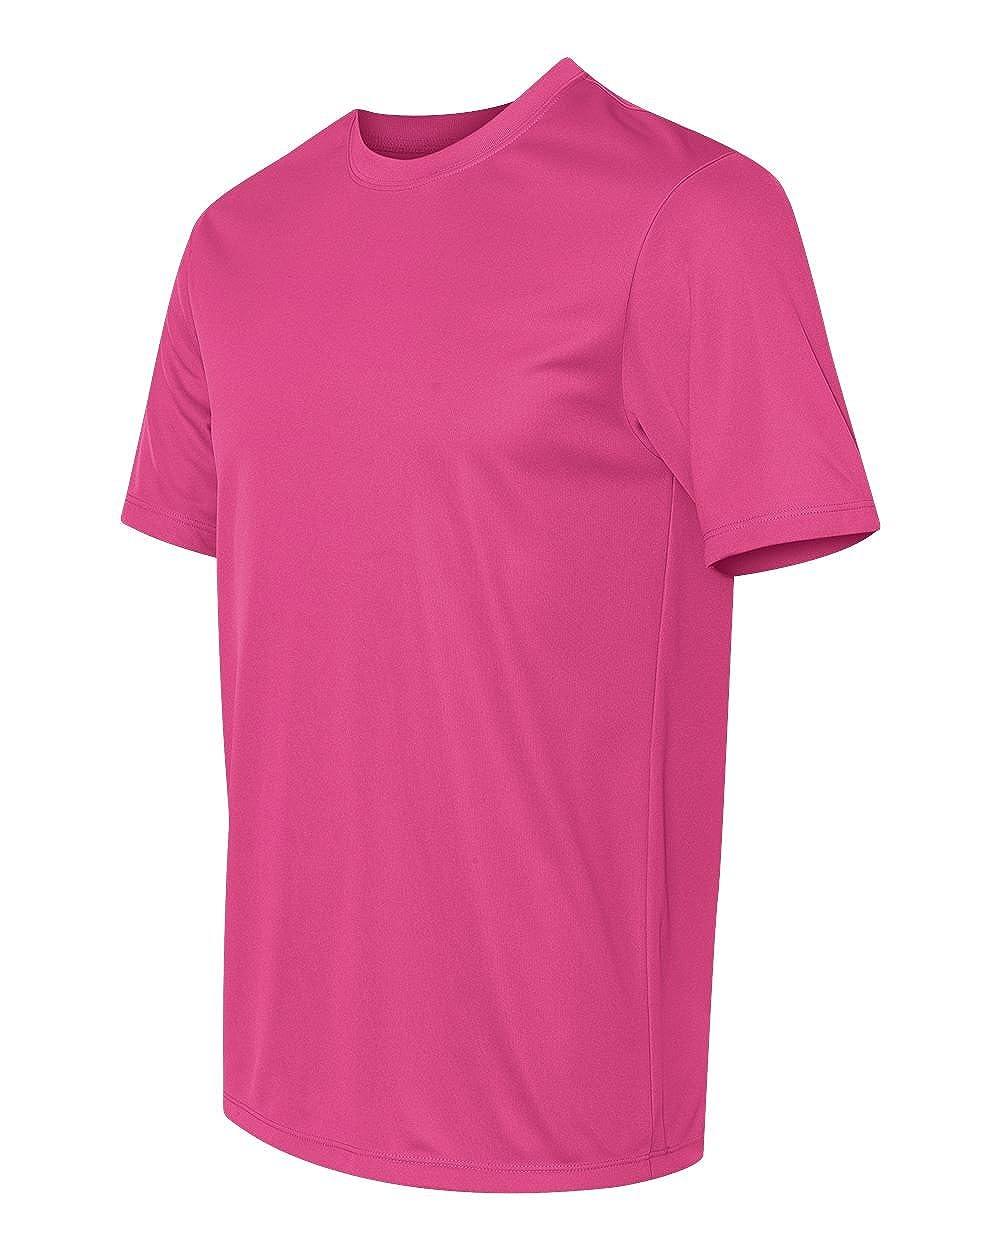 Hanes 4 oz Cool Dri T-Shirt